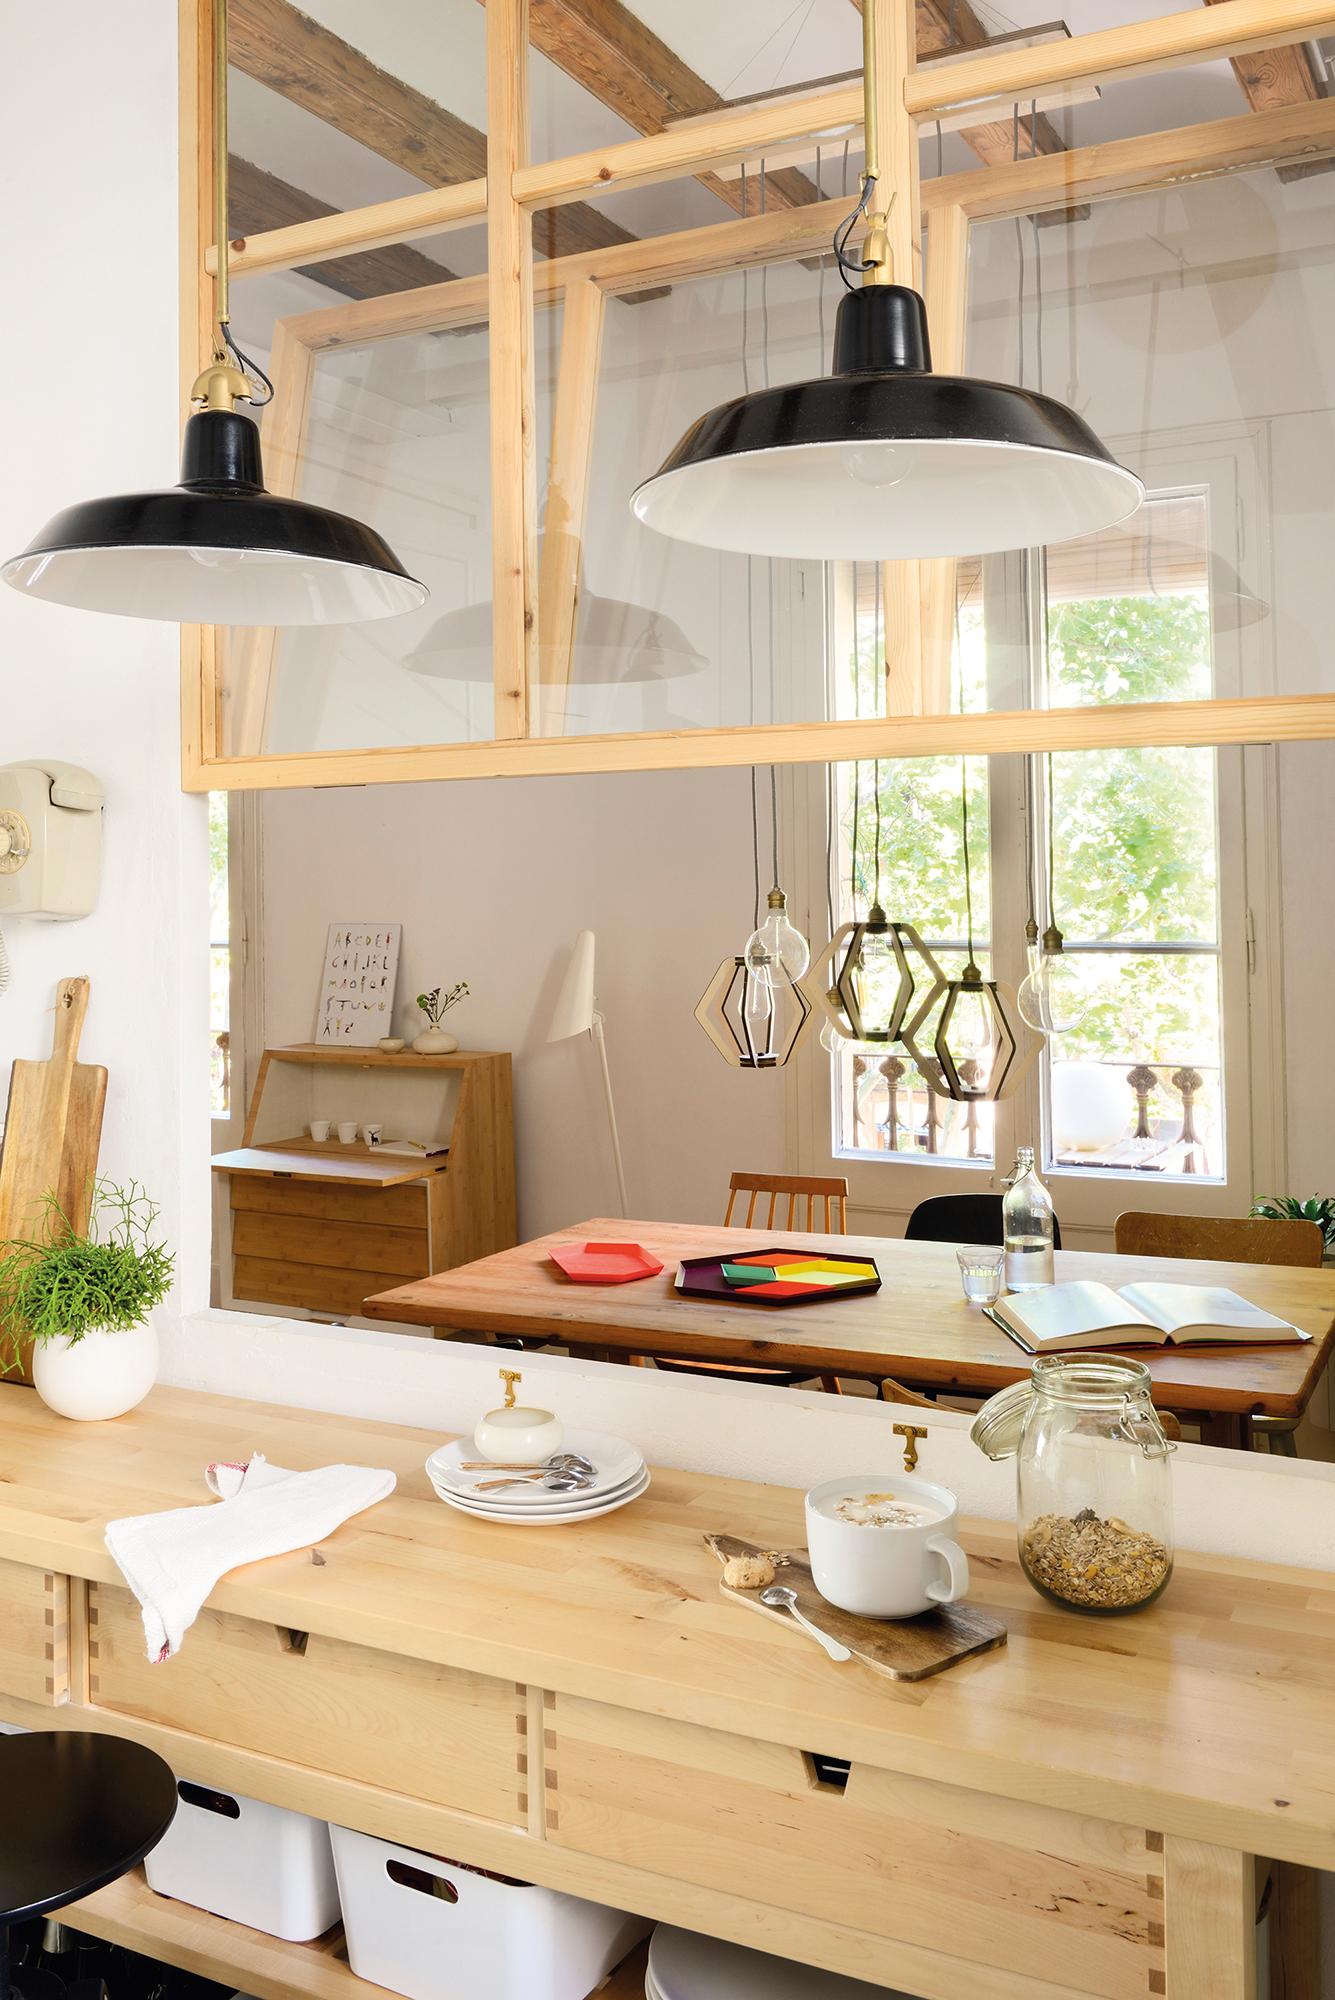 Hermoso Lamparas De Techo Cocina Fotos Lampara De Techo Mi Casa  ~ Iluminacion Para Cocinas Techos